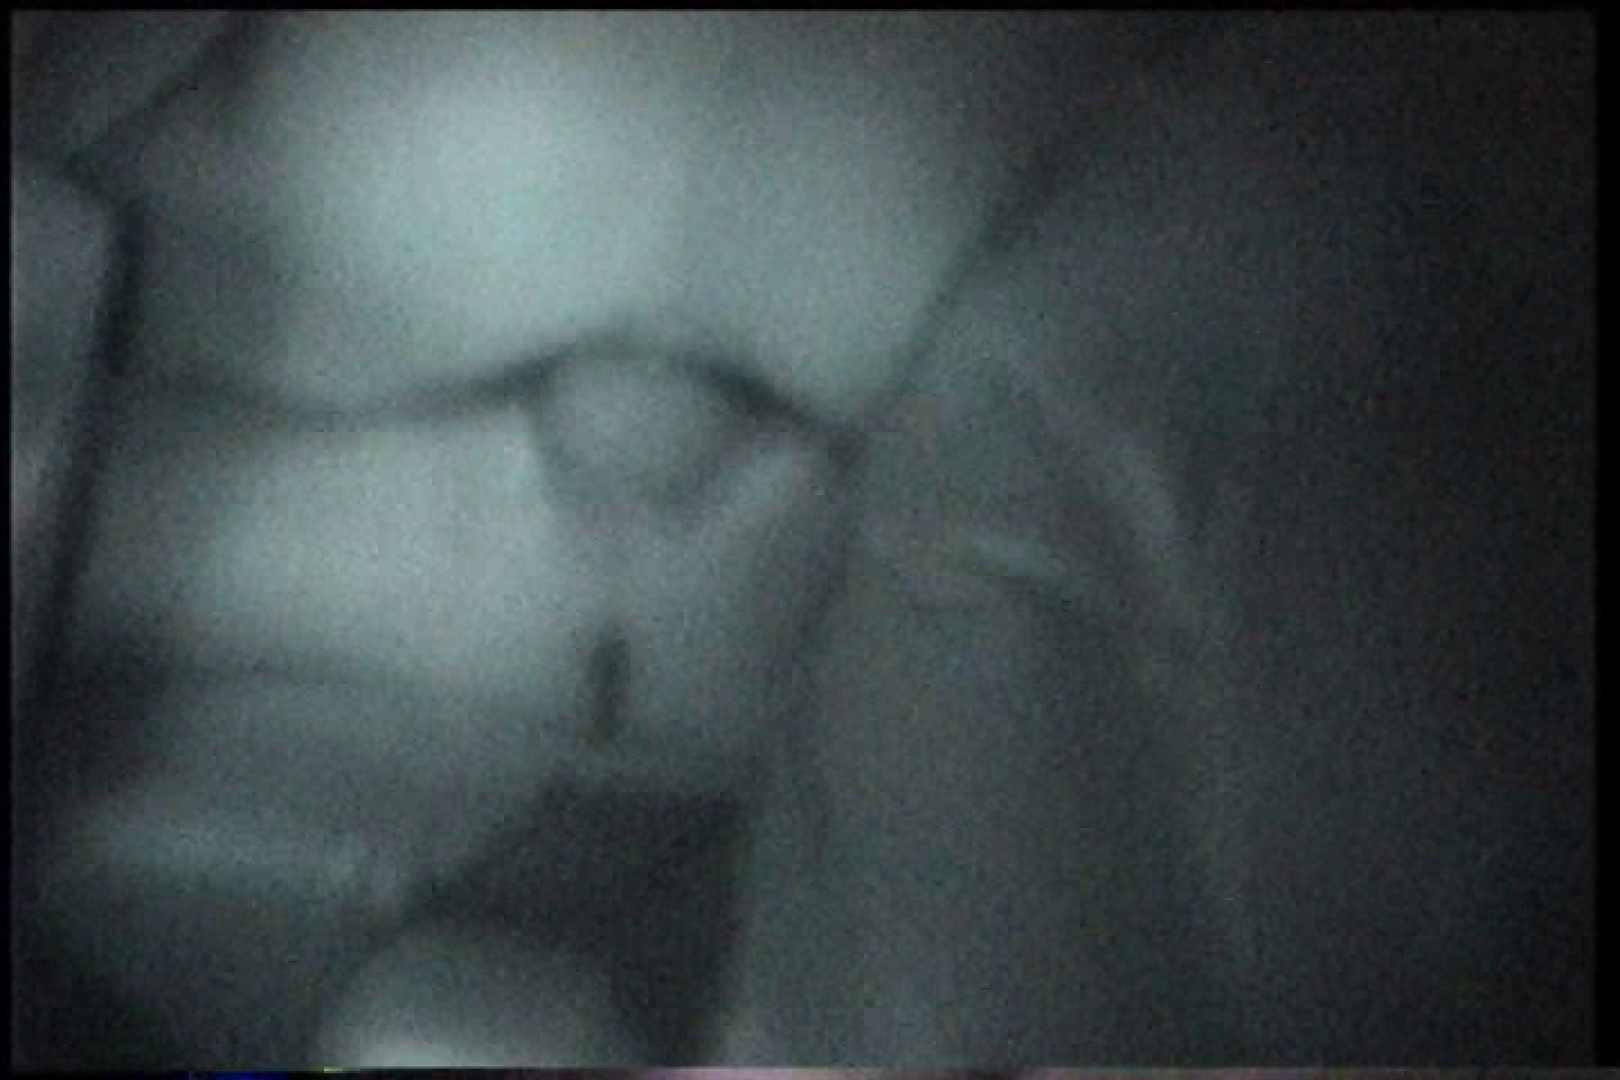 充血監督の深夜の運動会Vol.240 エロティックなOL | エッチなセックス  91画像 11